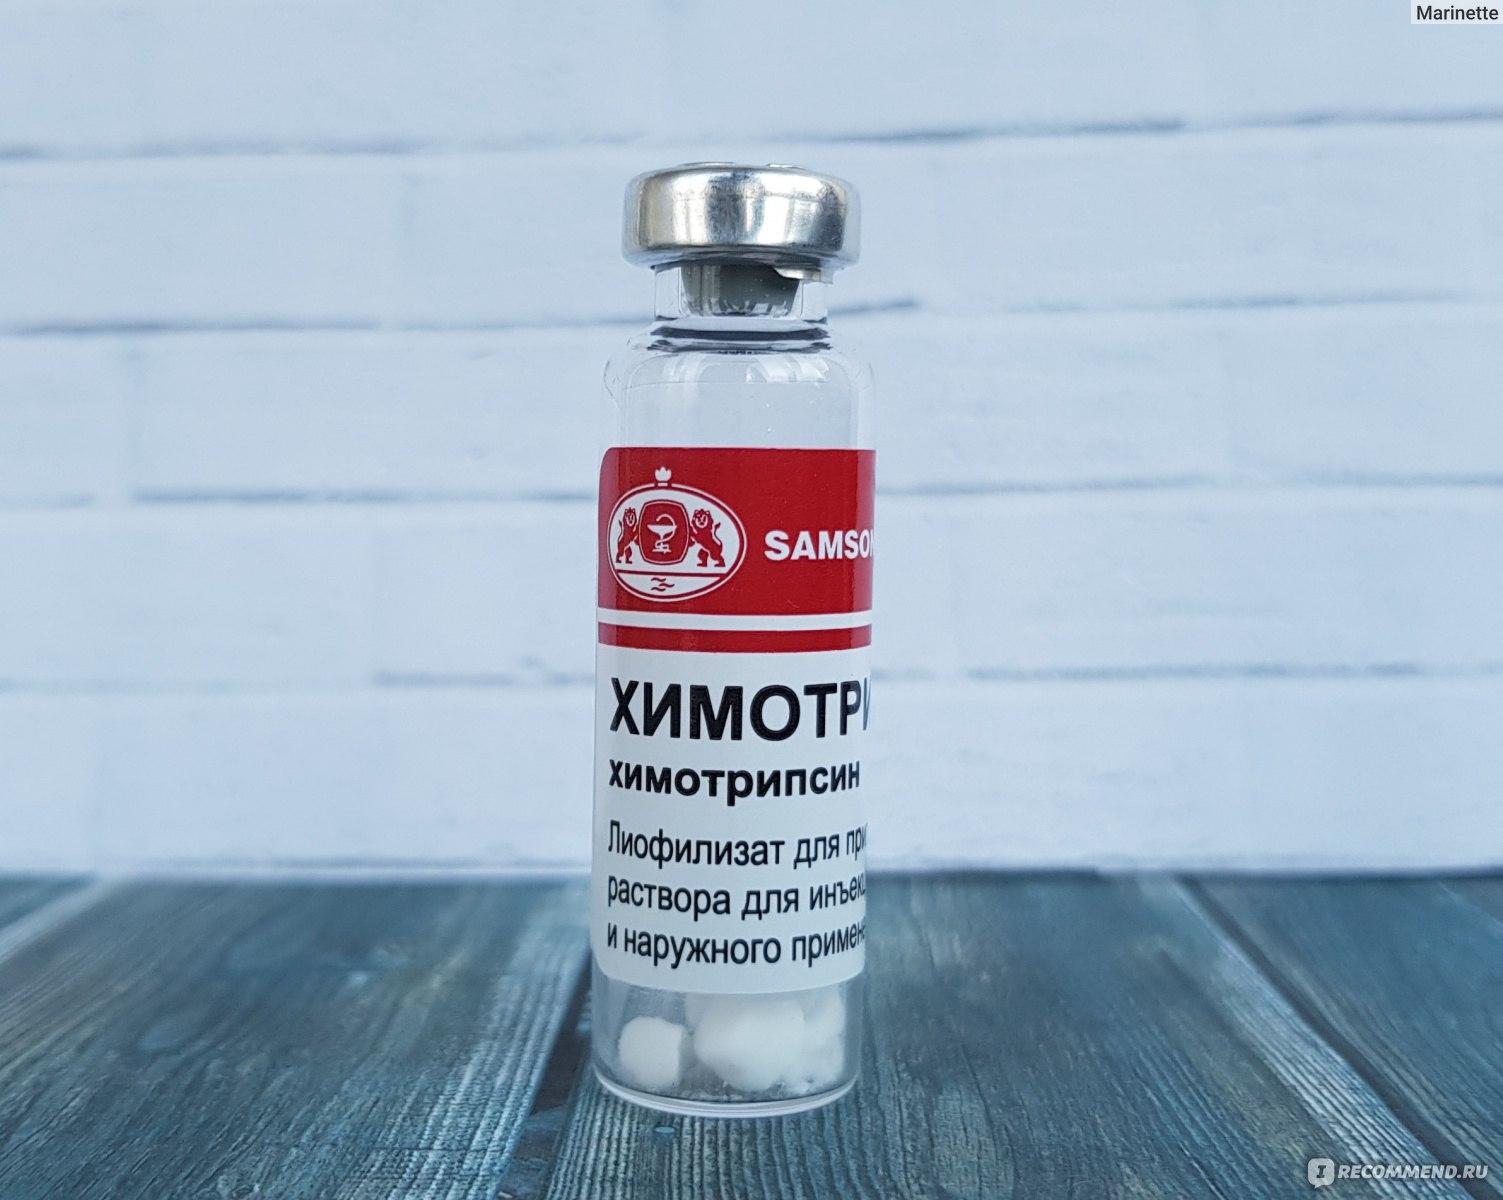 Химотрипсин для обработки ран от некрозов: эффективность препарата и инструкция